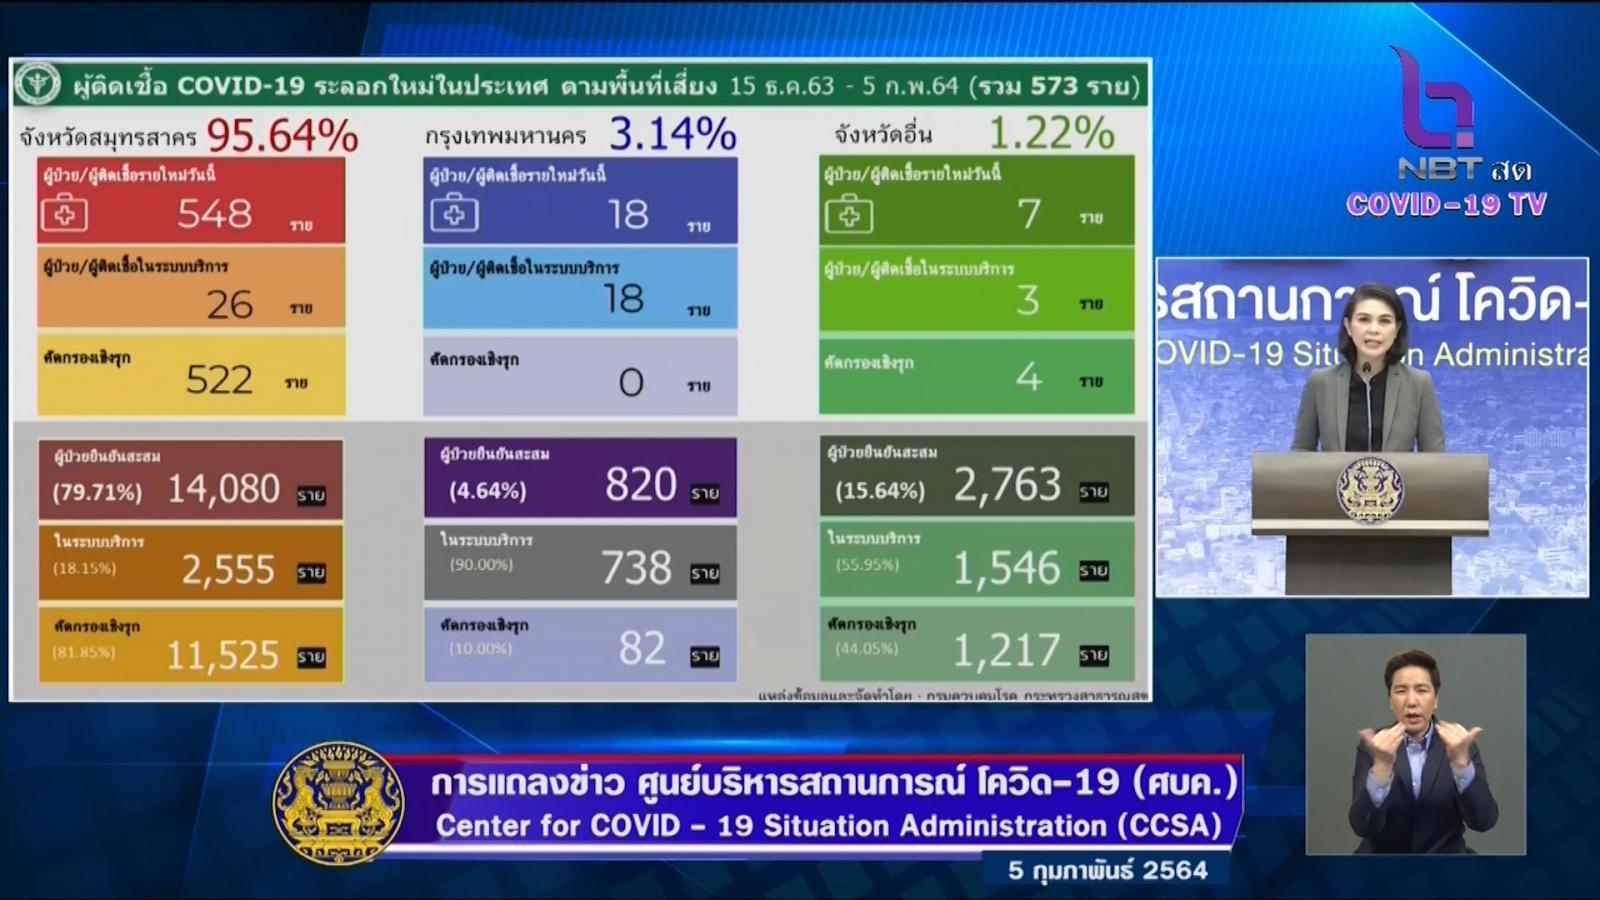 ติดเชื้อโควิด-19 รายใหม่ 586 ราย กทม.ป่วยเพิ่ม 18 ราย